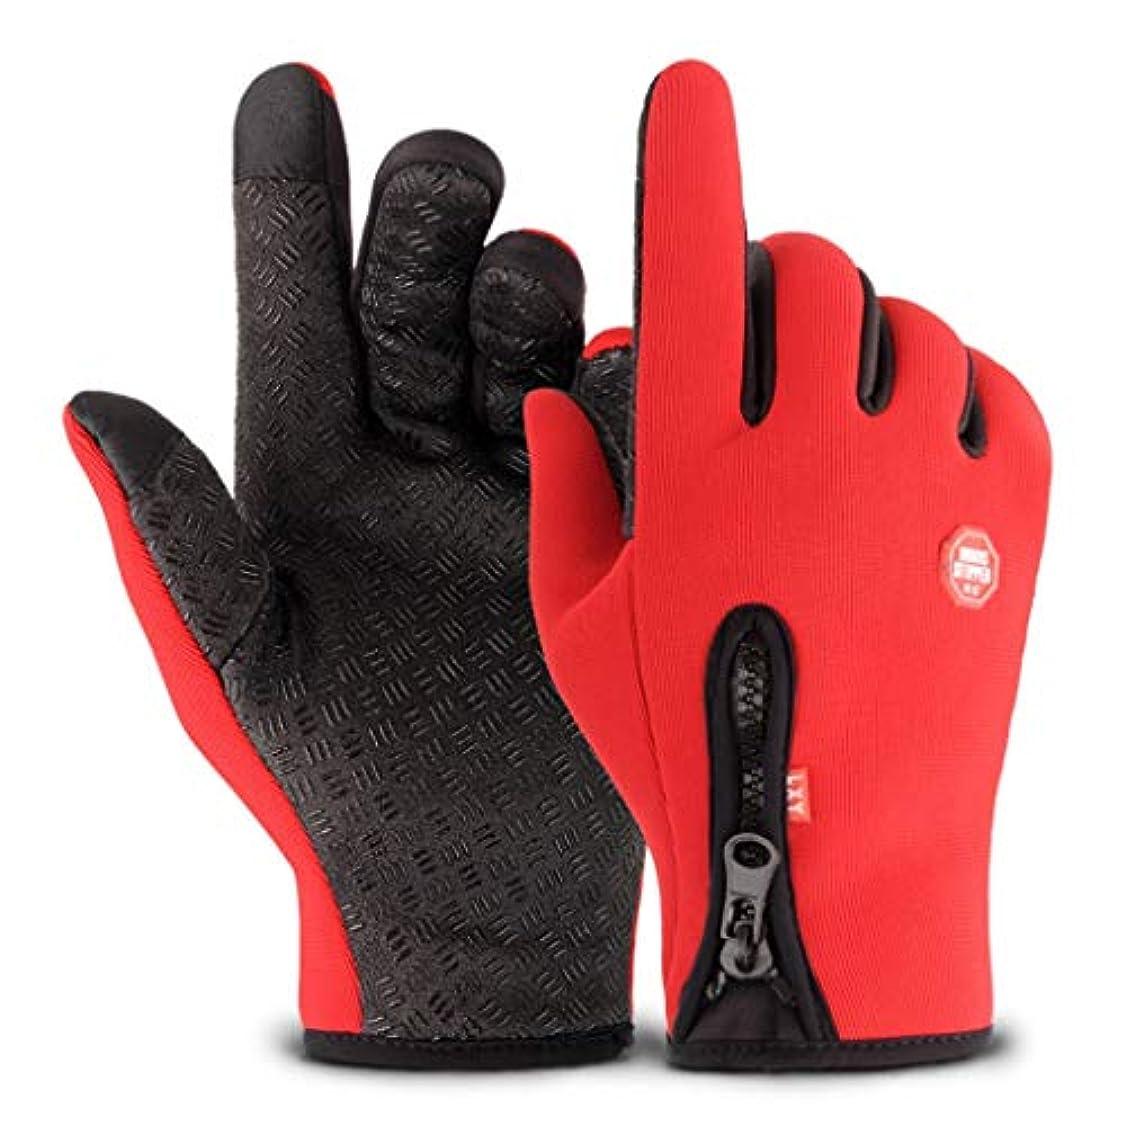 フィットキャッシュ確立します手袋の男性の秋と冬の自転車電動バイクの女性のタッチスクリーンは、すべてwindproofノンスリップ暖かいと冷たいプラスベルベット弾性手袋ワンサイズ赤